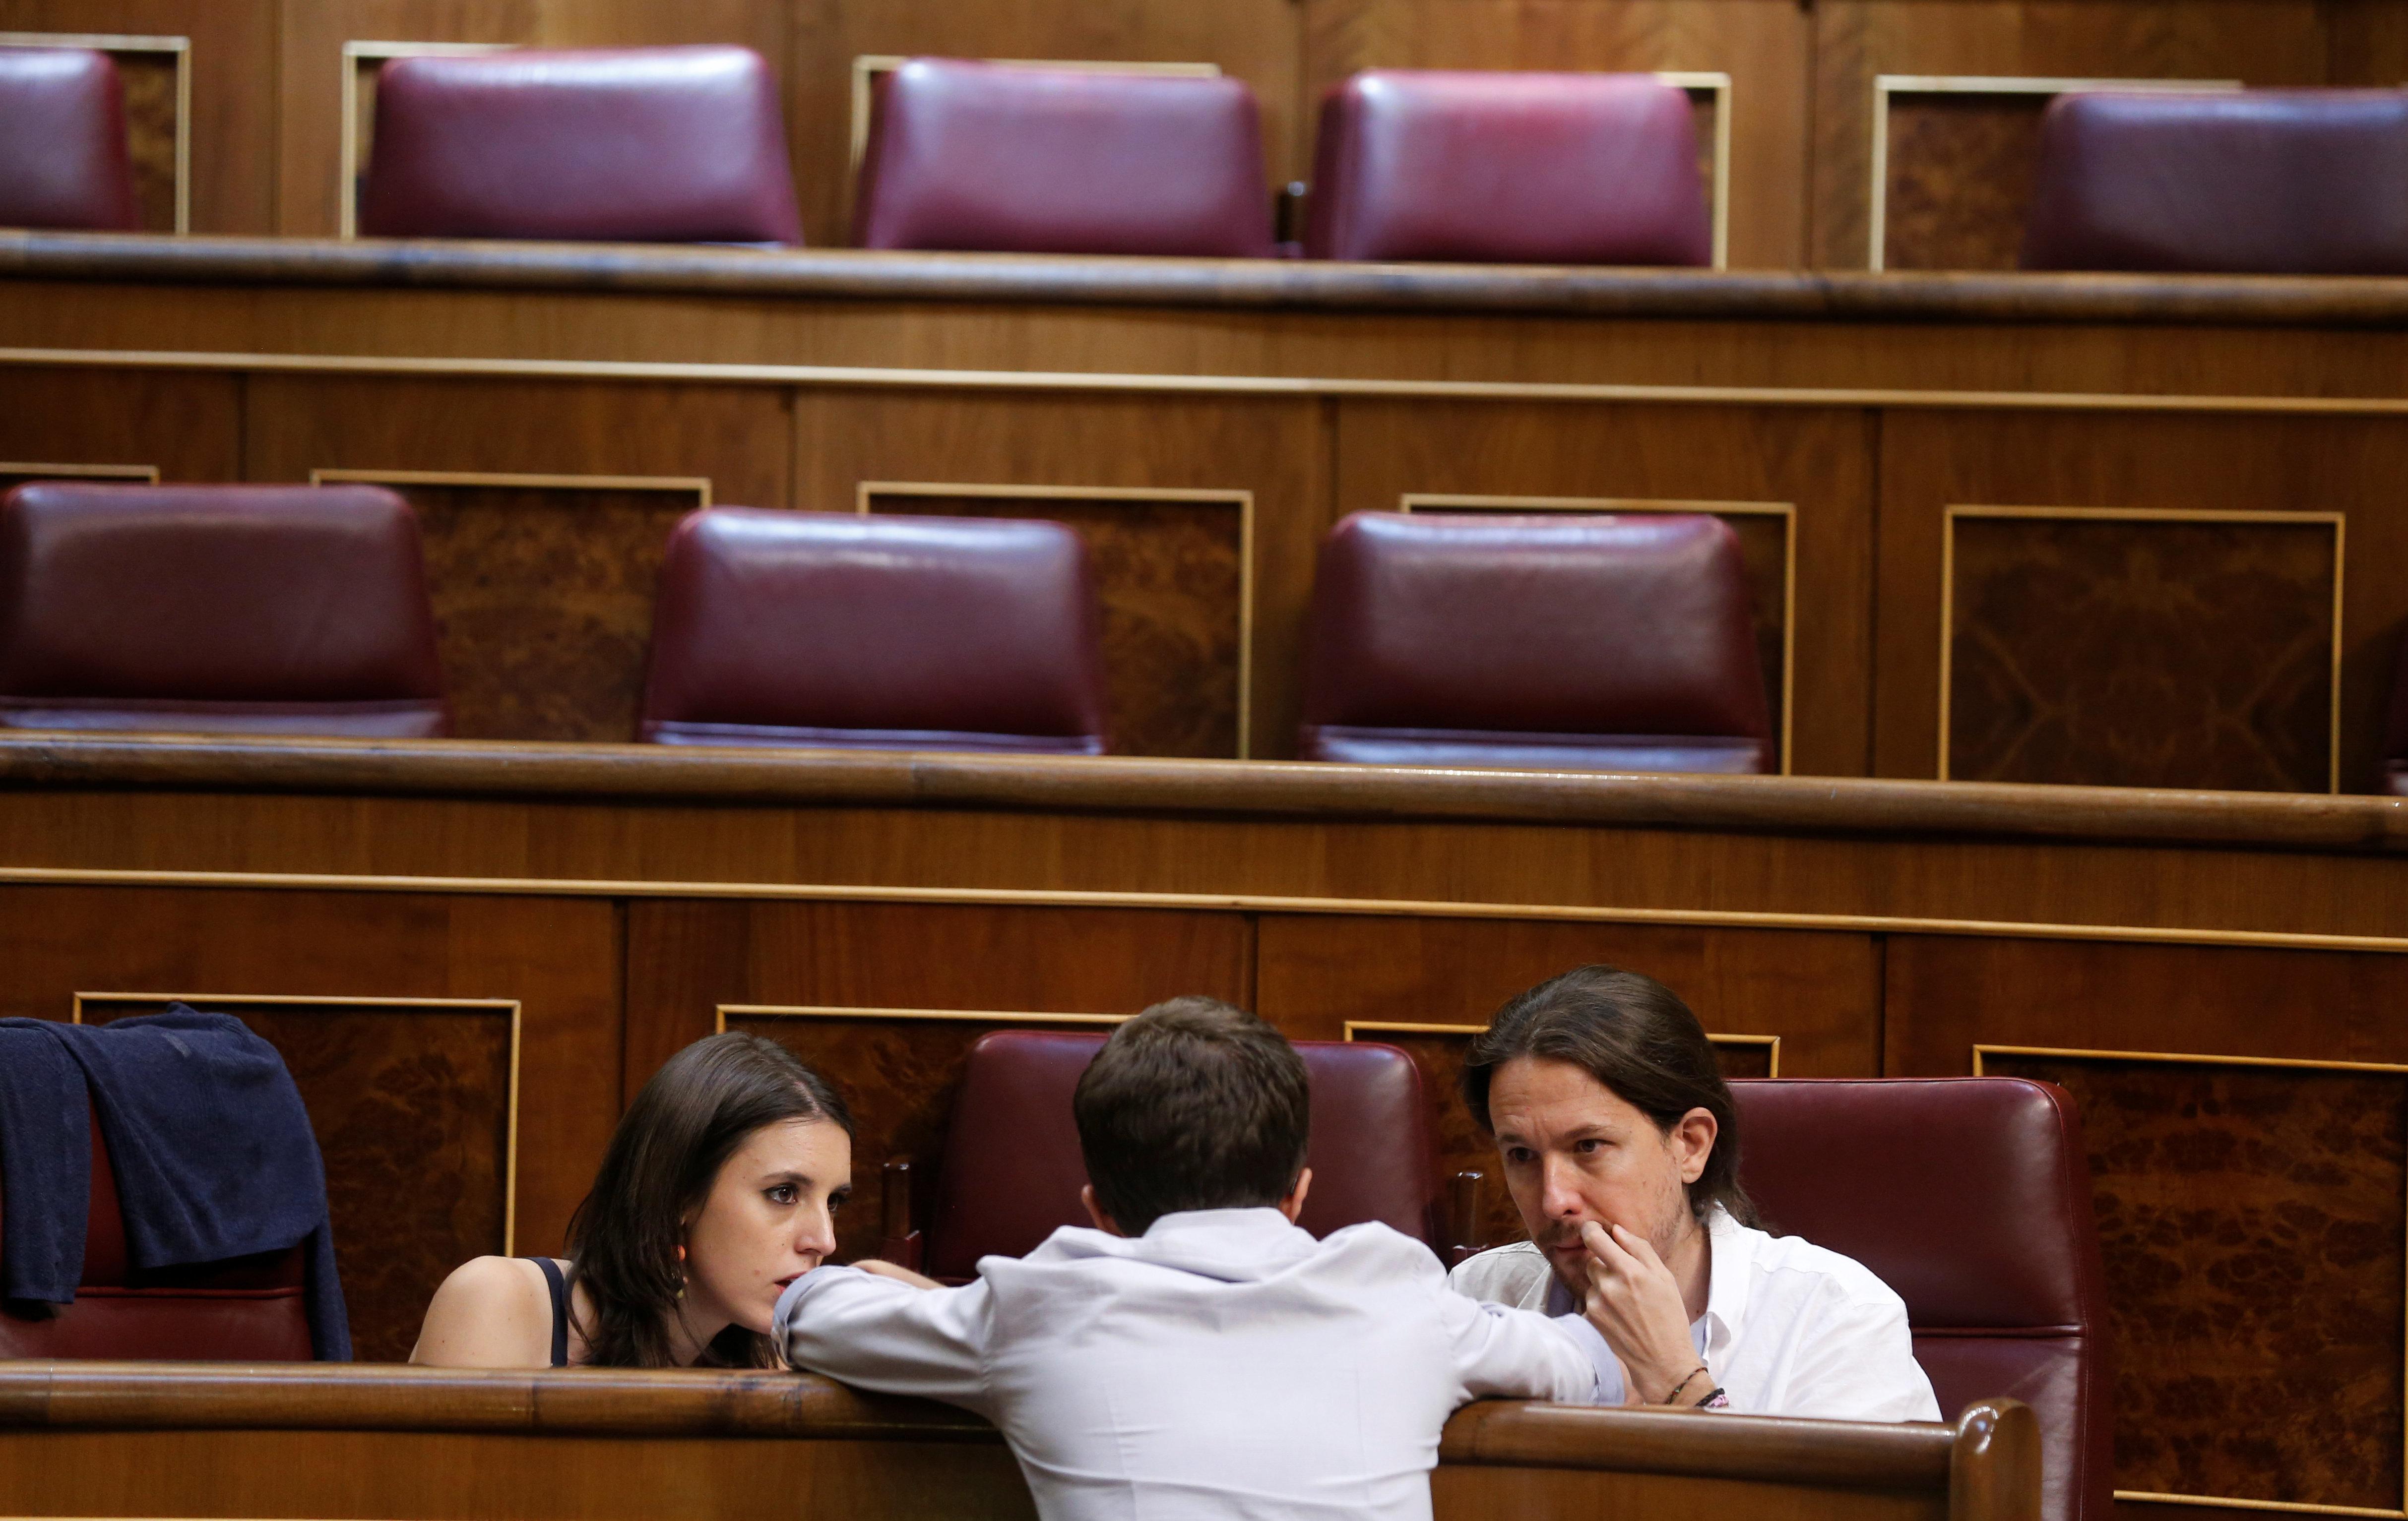 Ιγκλέσιας και Μοντέρο των Podemos «απολογούνται» στο Facebook για την αγορά σαλέ αξίας 540.000